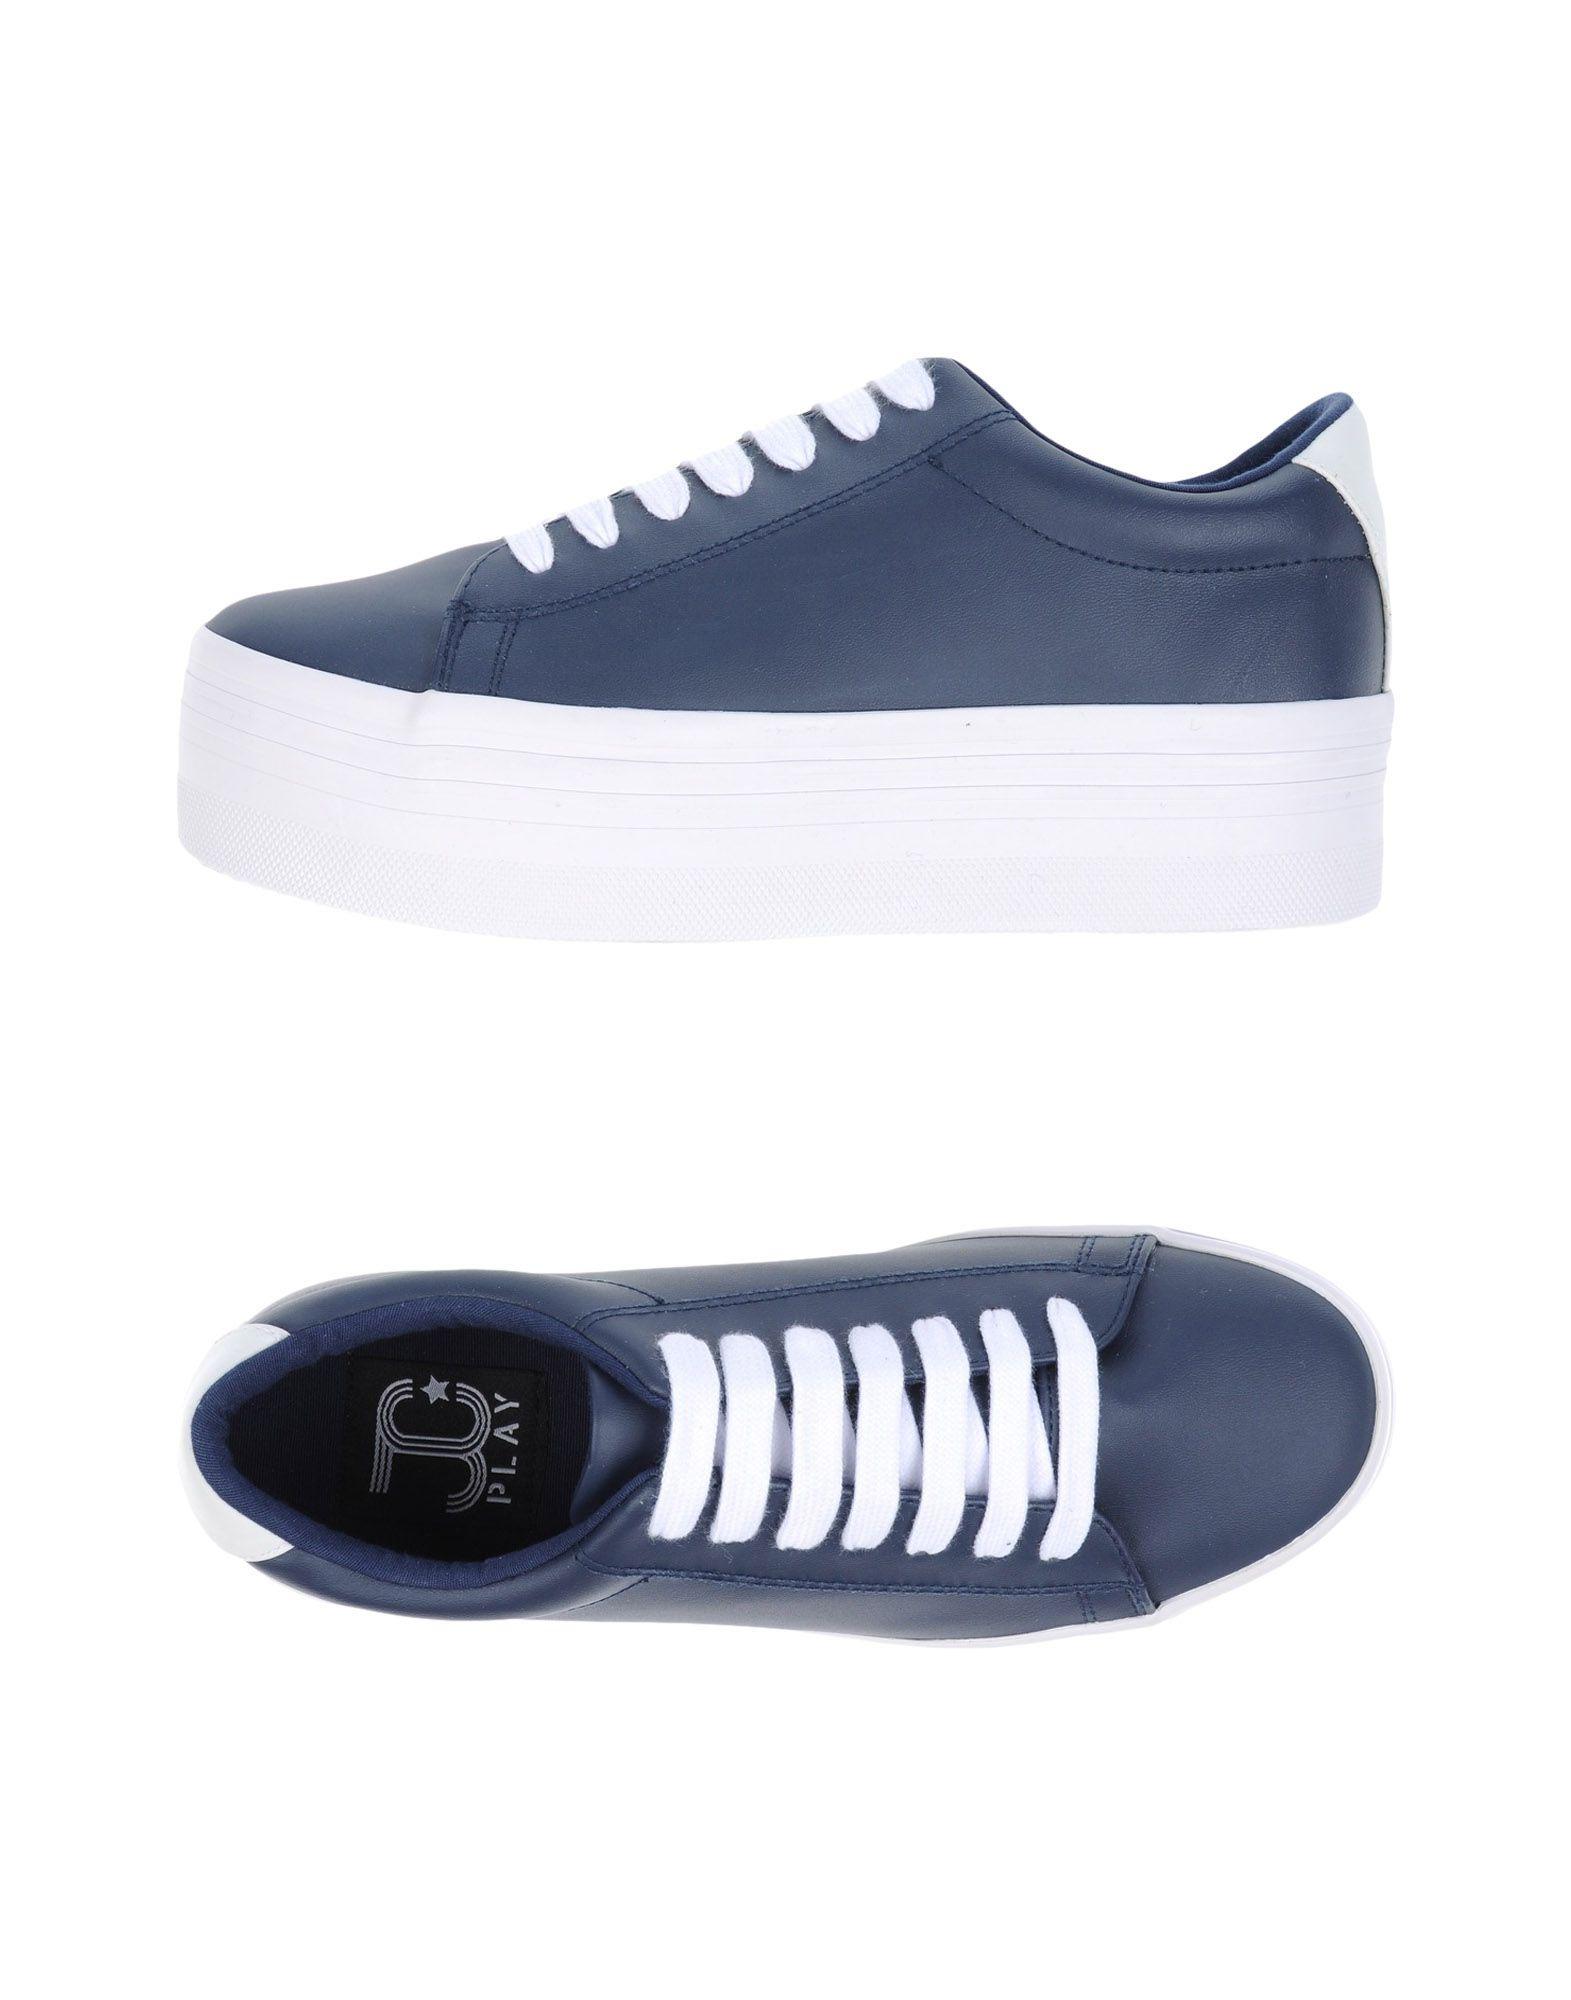 Jc Play By Jeffrey Campbell Sneakers Damen  11229698DK Gute Qualität Qualität Gute beliebte Schuhe 2e12aa